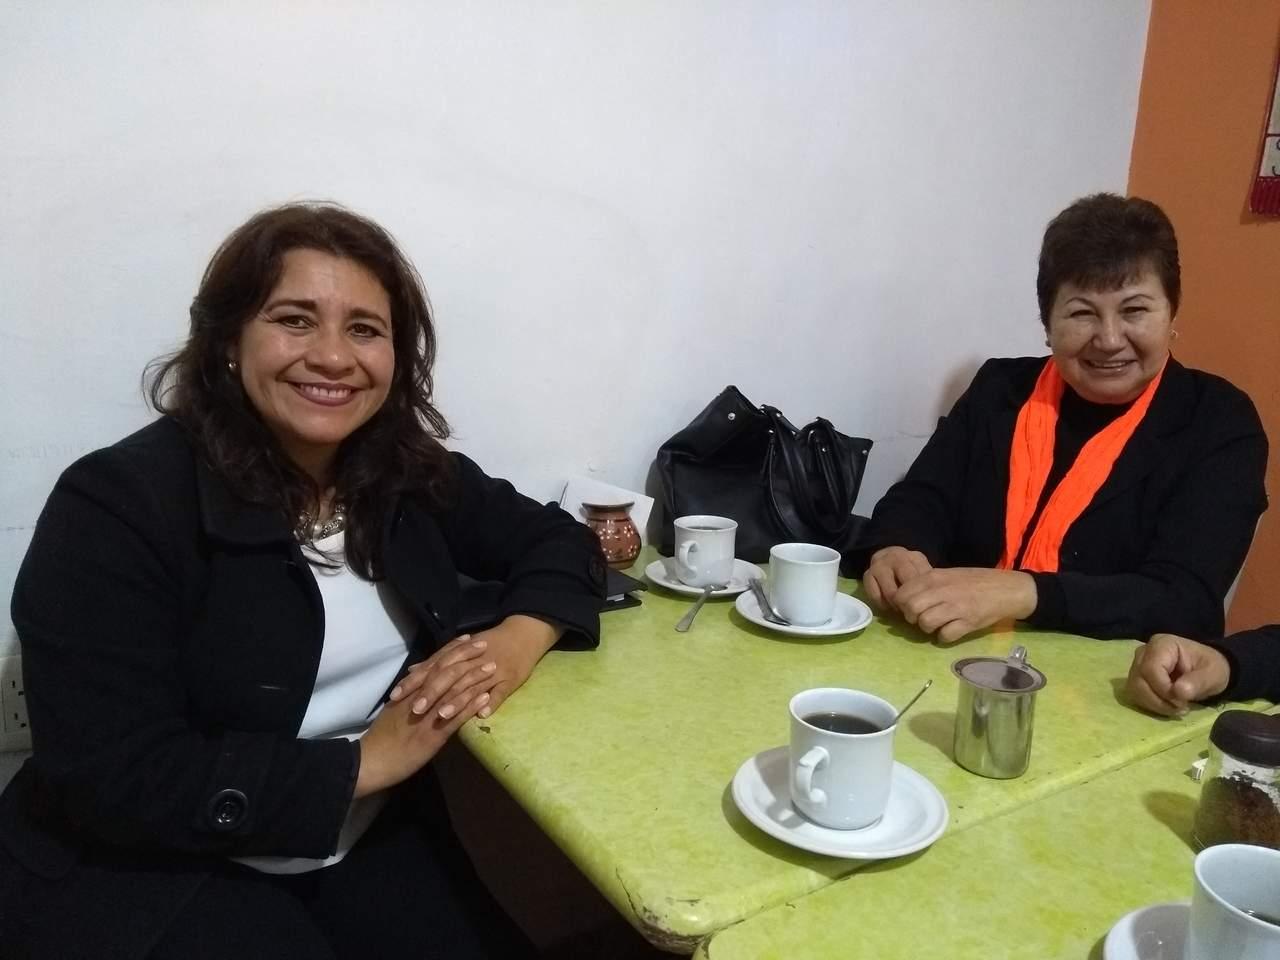 Instituto Estatal de la Mujer acelera medidas de protección a víctimas